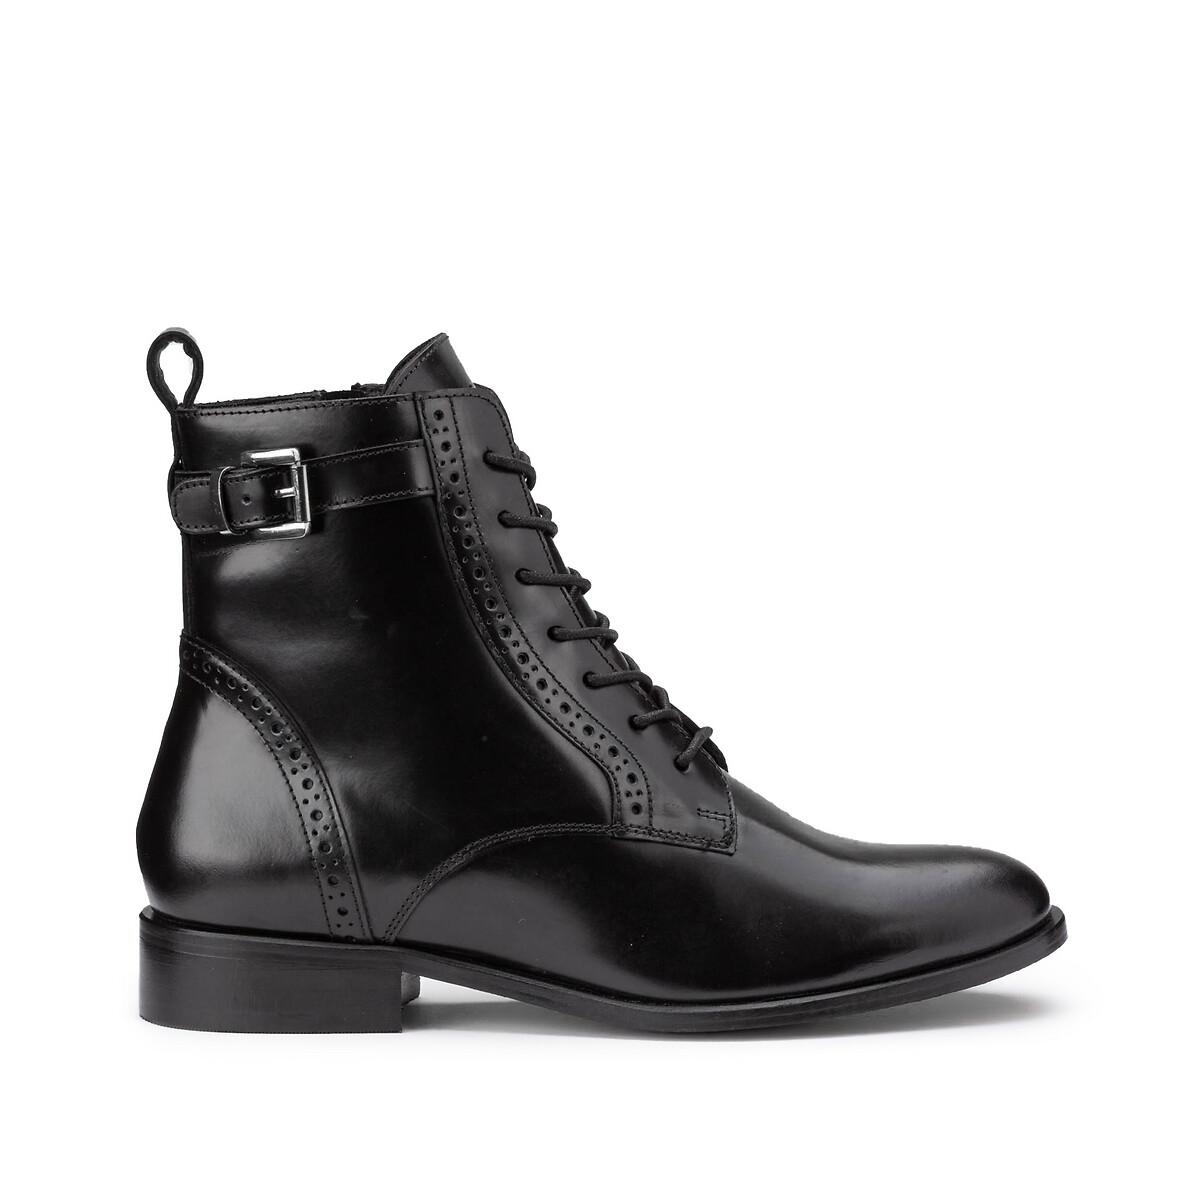 Фото - Ботинки LaRedoute Из кожи на плоском каблуке 40 черный сандалии la redoute из кожи с перекрещенными ремешками на плоском каблуке 39 розовый